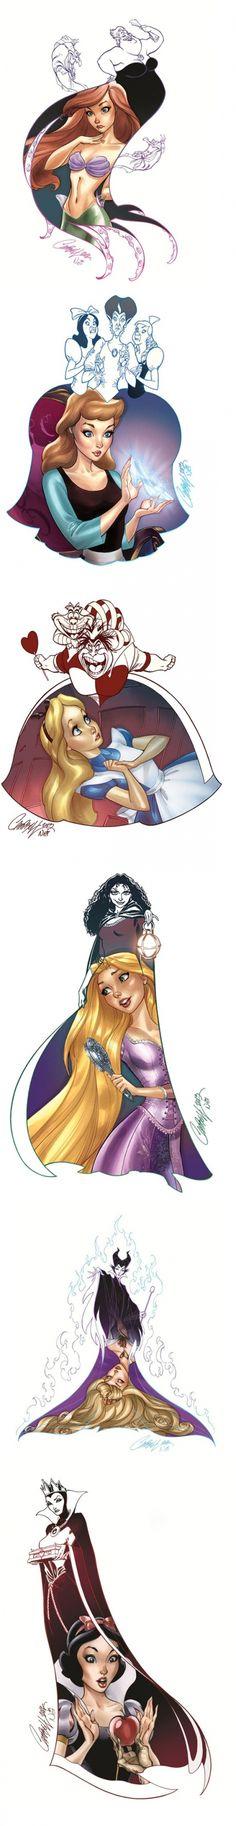 Beautiful art by comic book artist J. Scott Campbell